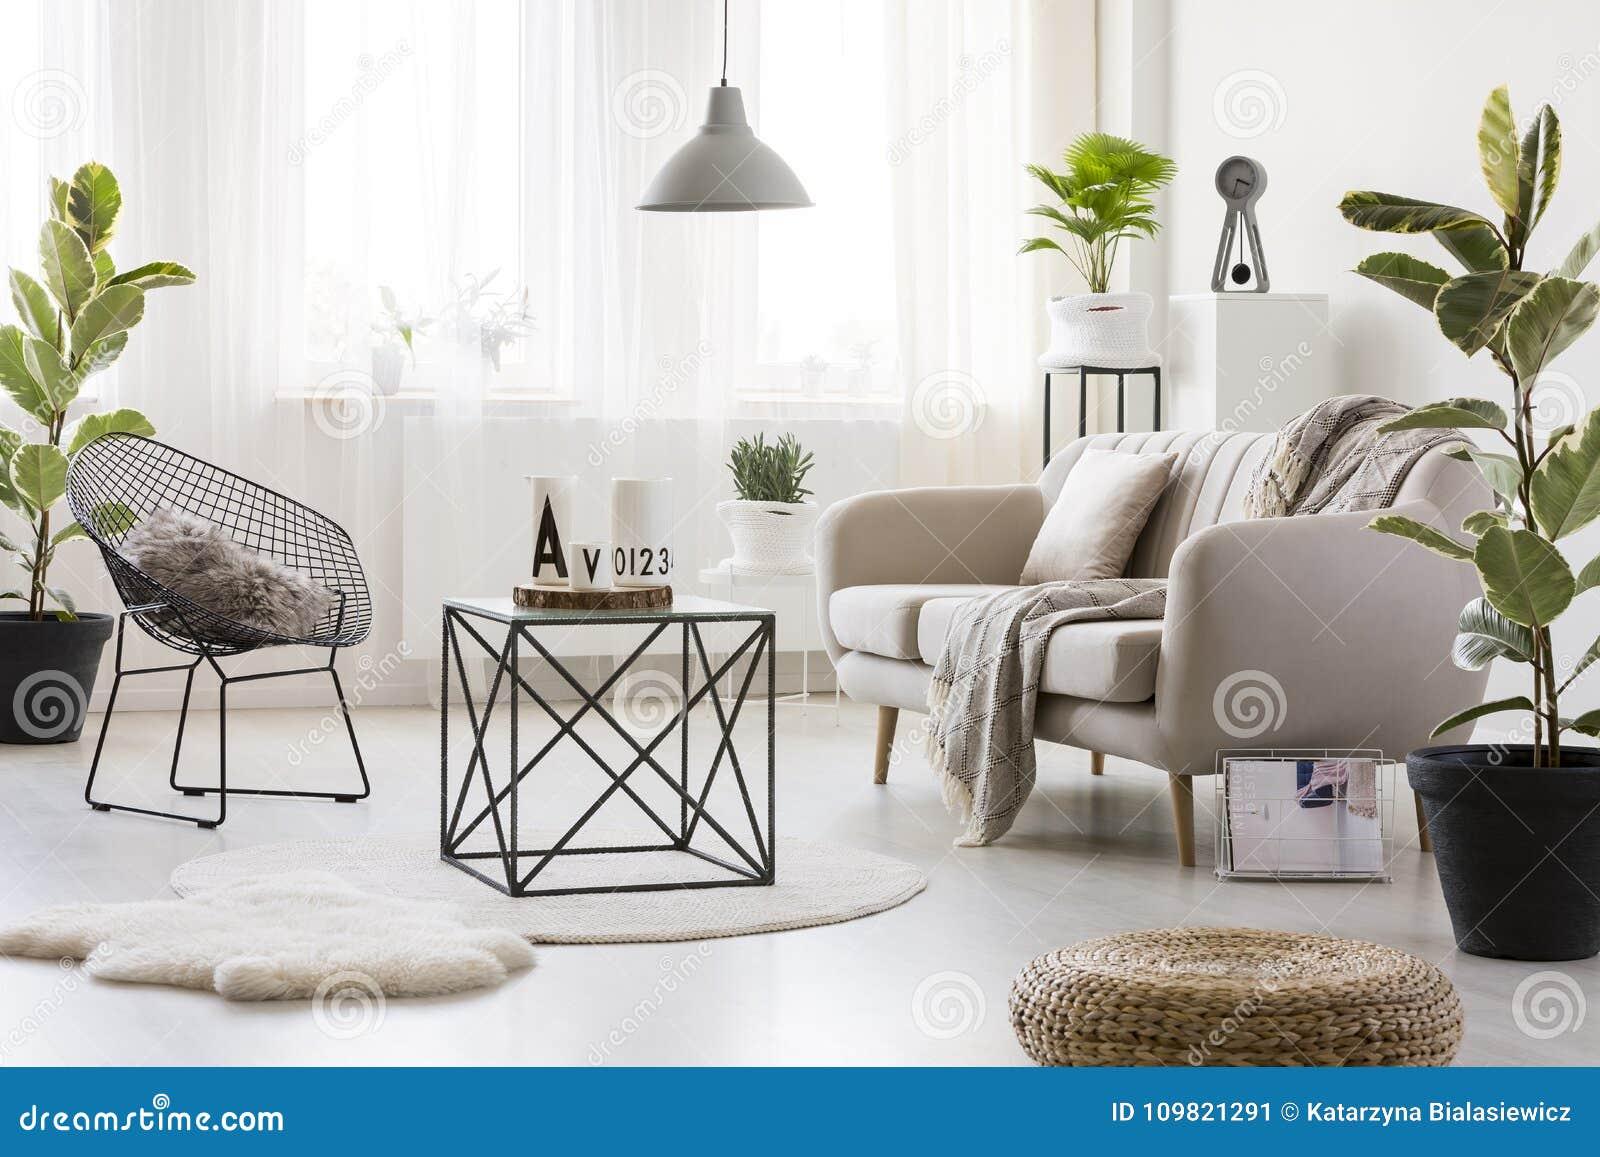 Sofa Im Hellen Wohnzimmer Stockbild Bild Von Hell Puff 109821291